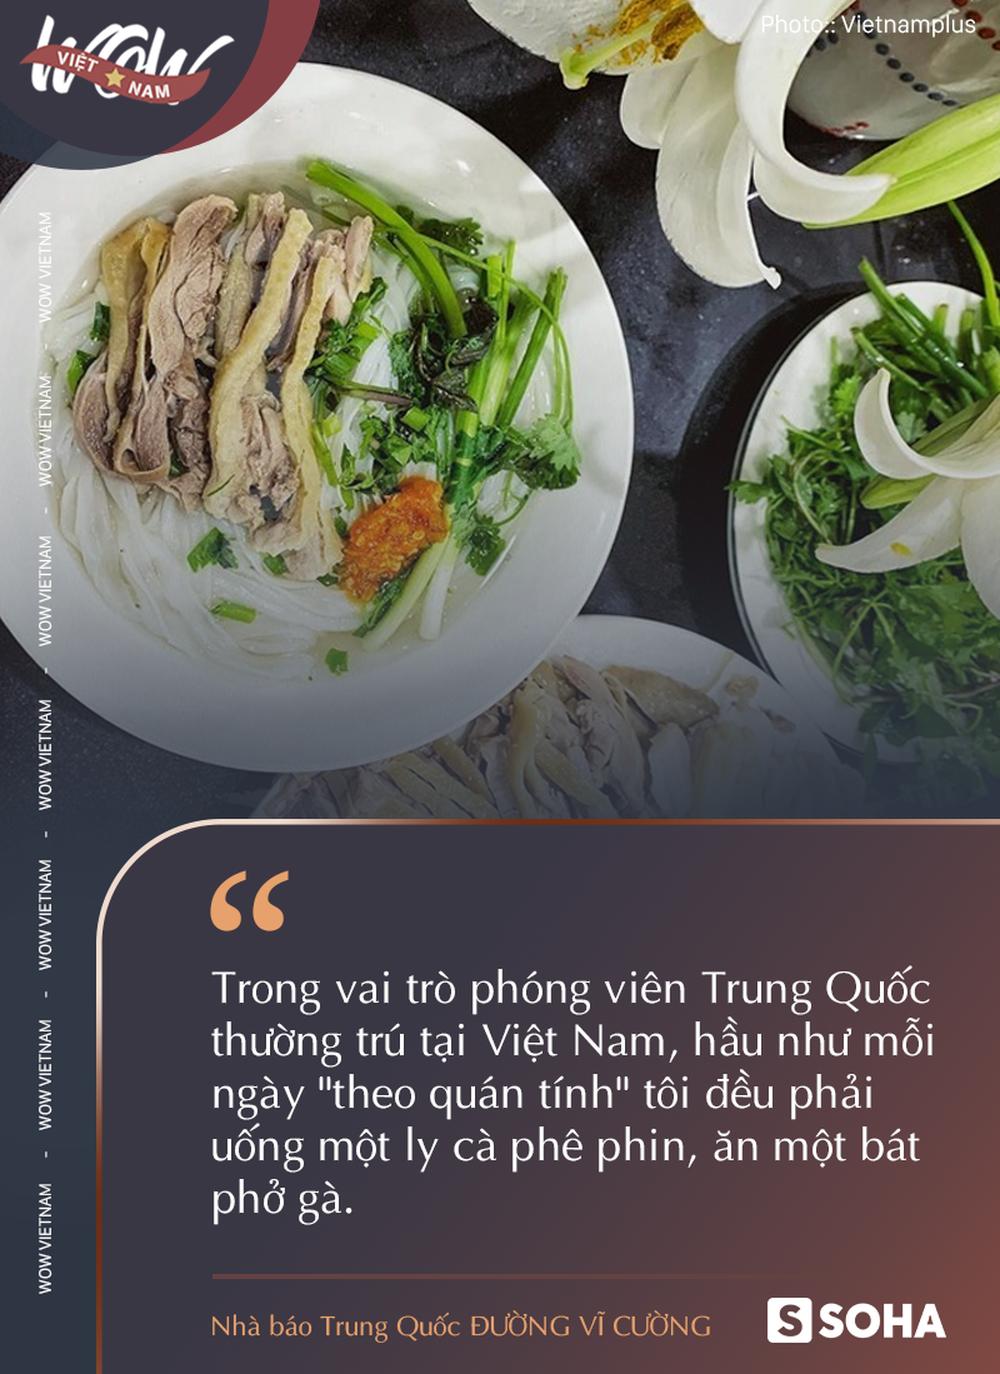 Ghiền món Việt, nhà báo Trung Quốc thốt lên: Cà phê và phở cho tôi thấy sự phát triển của Việt Nam - Ảnh 1.